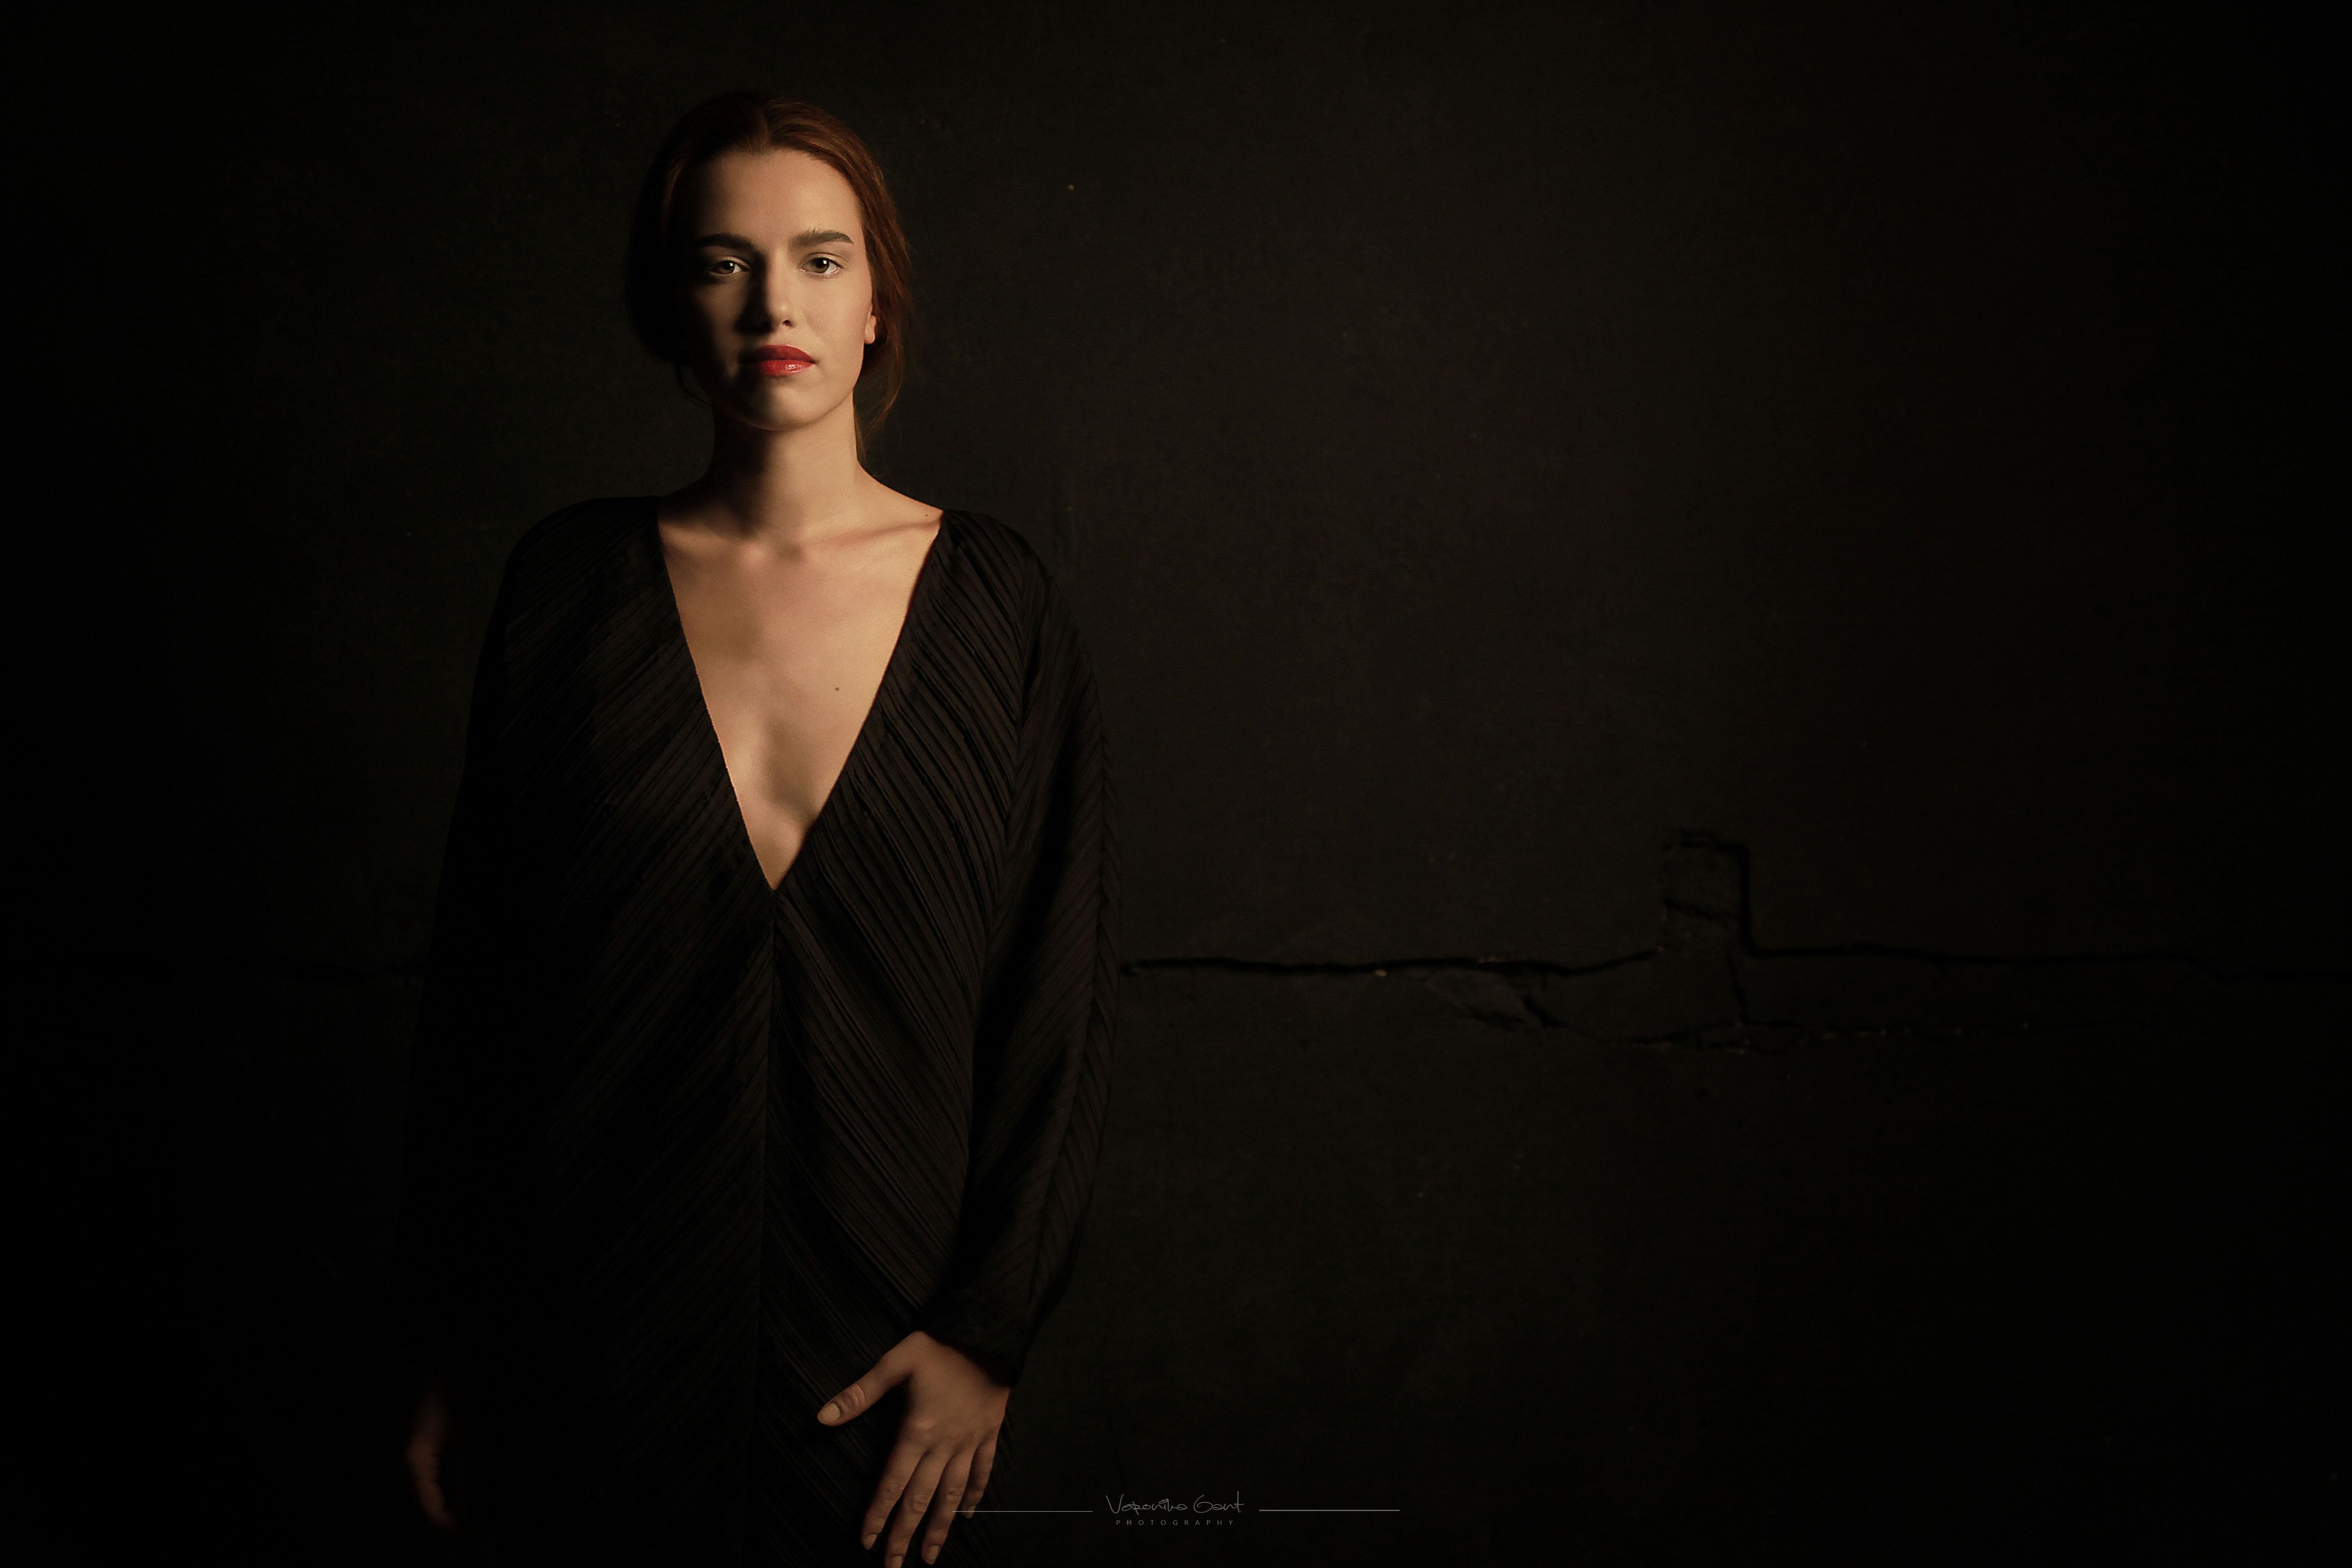 maria-nemcekova-portrait-003